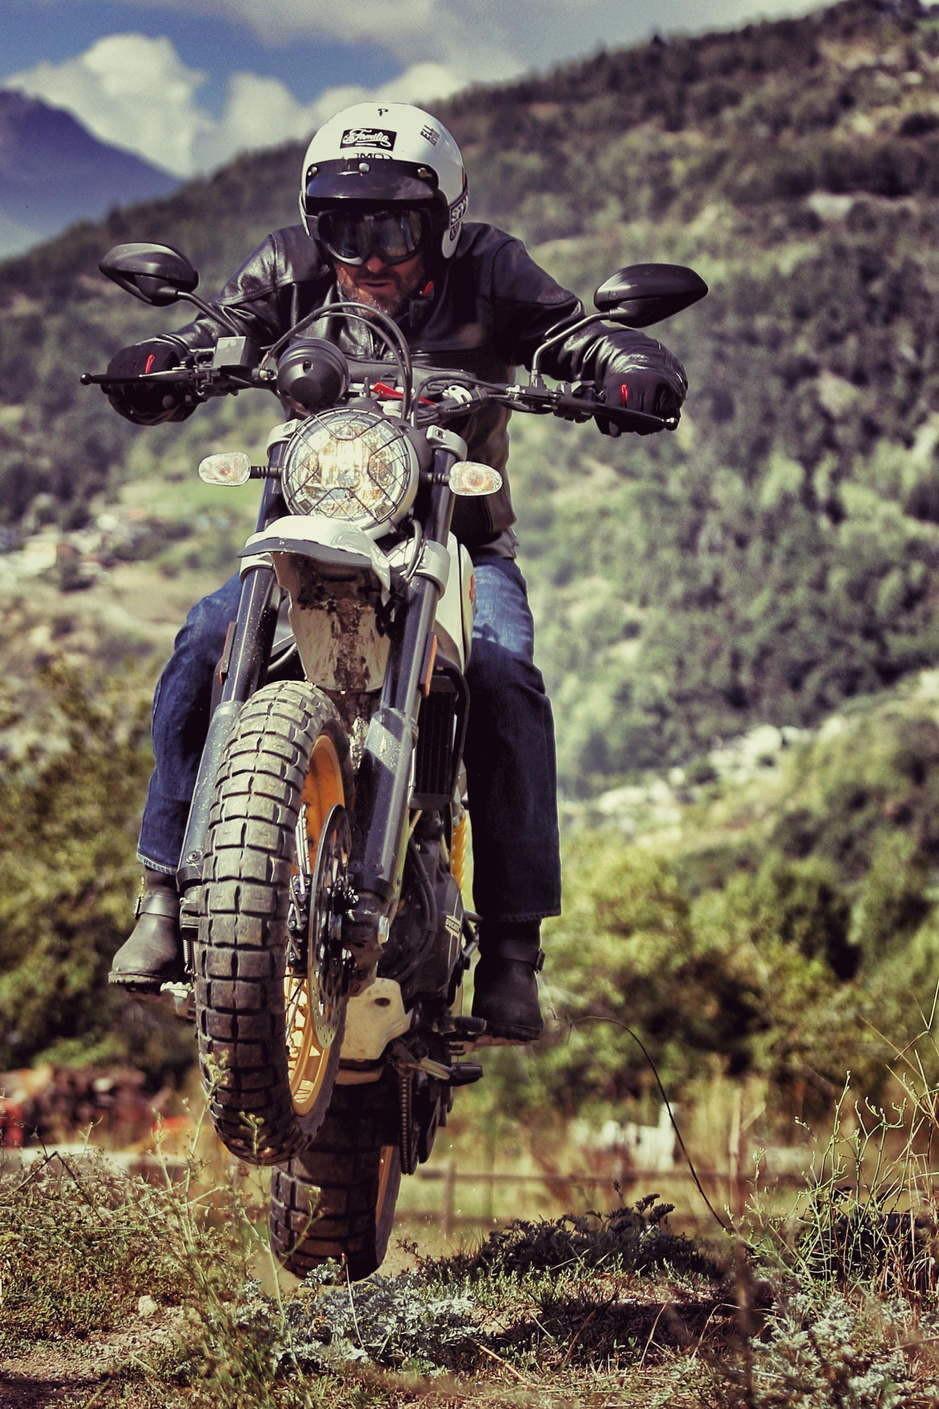 אופנוע דוקאטי סקרמבלר קופץ בשטח, רוכבעם קסדת חצי לבנה, רקע הרים